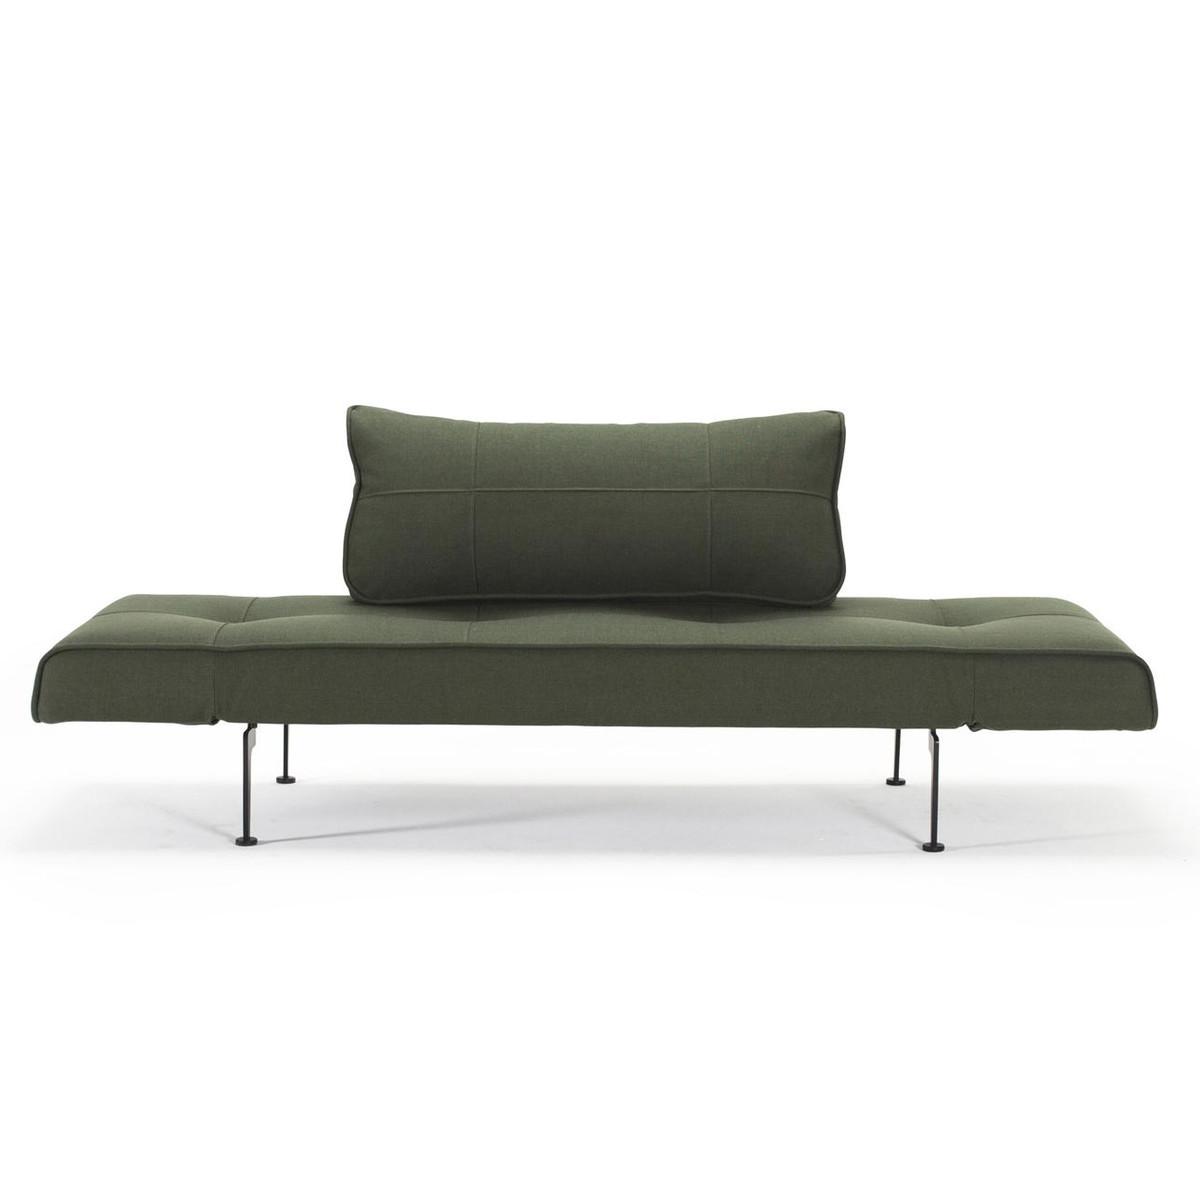 zeal laser sofa bed innovation sofa beds furniture. Black Bedroom Furniture Sets. Home Design Ideas